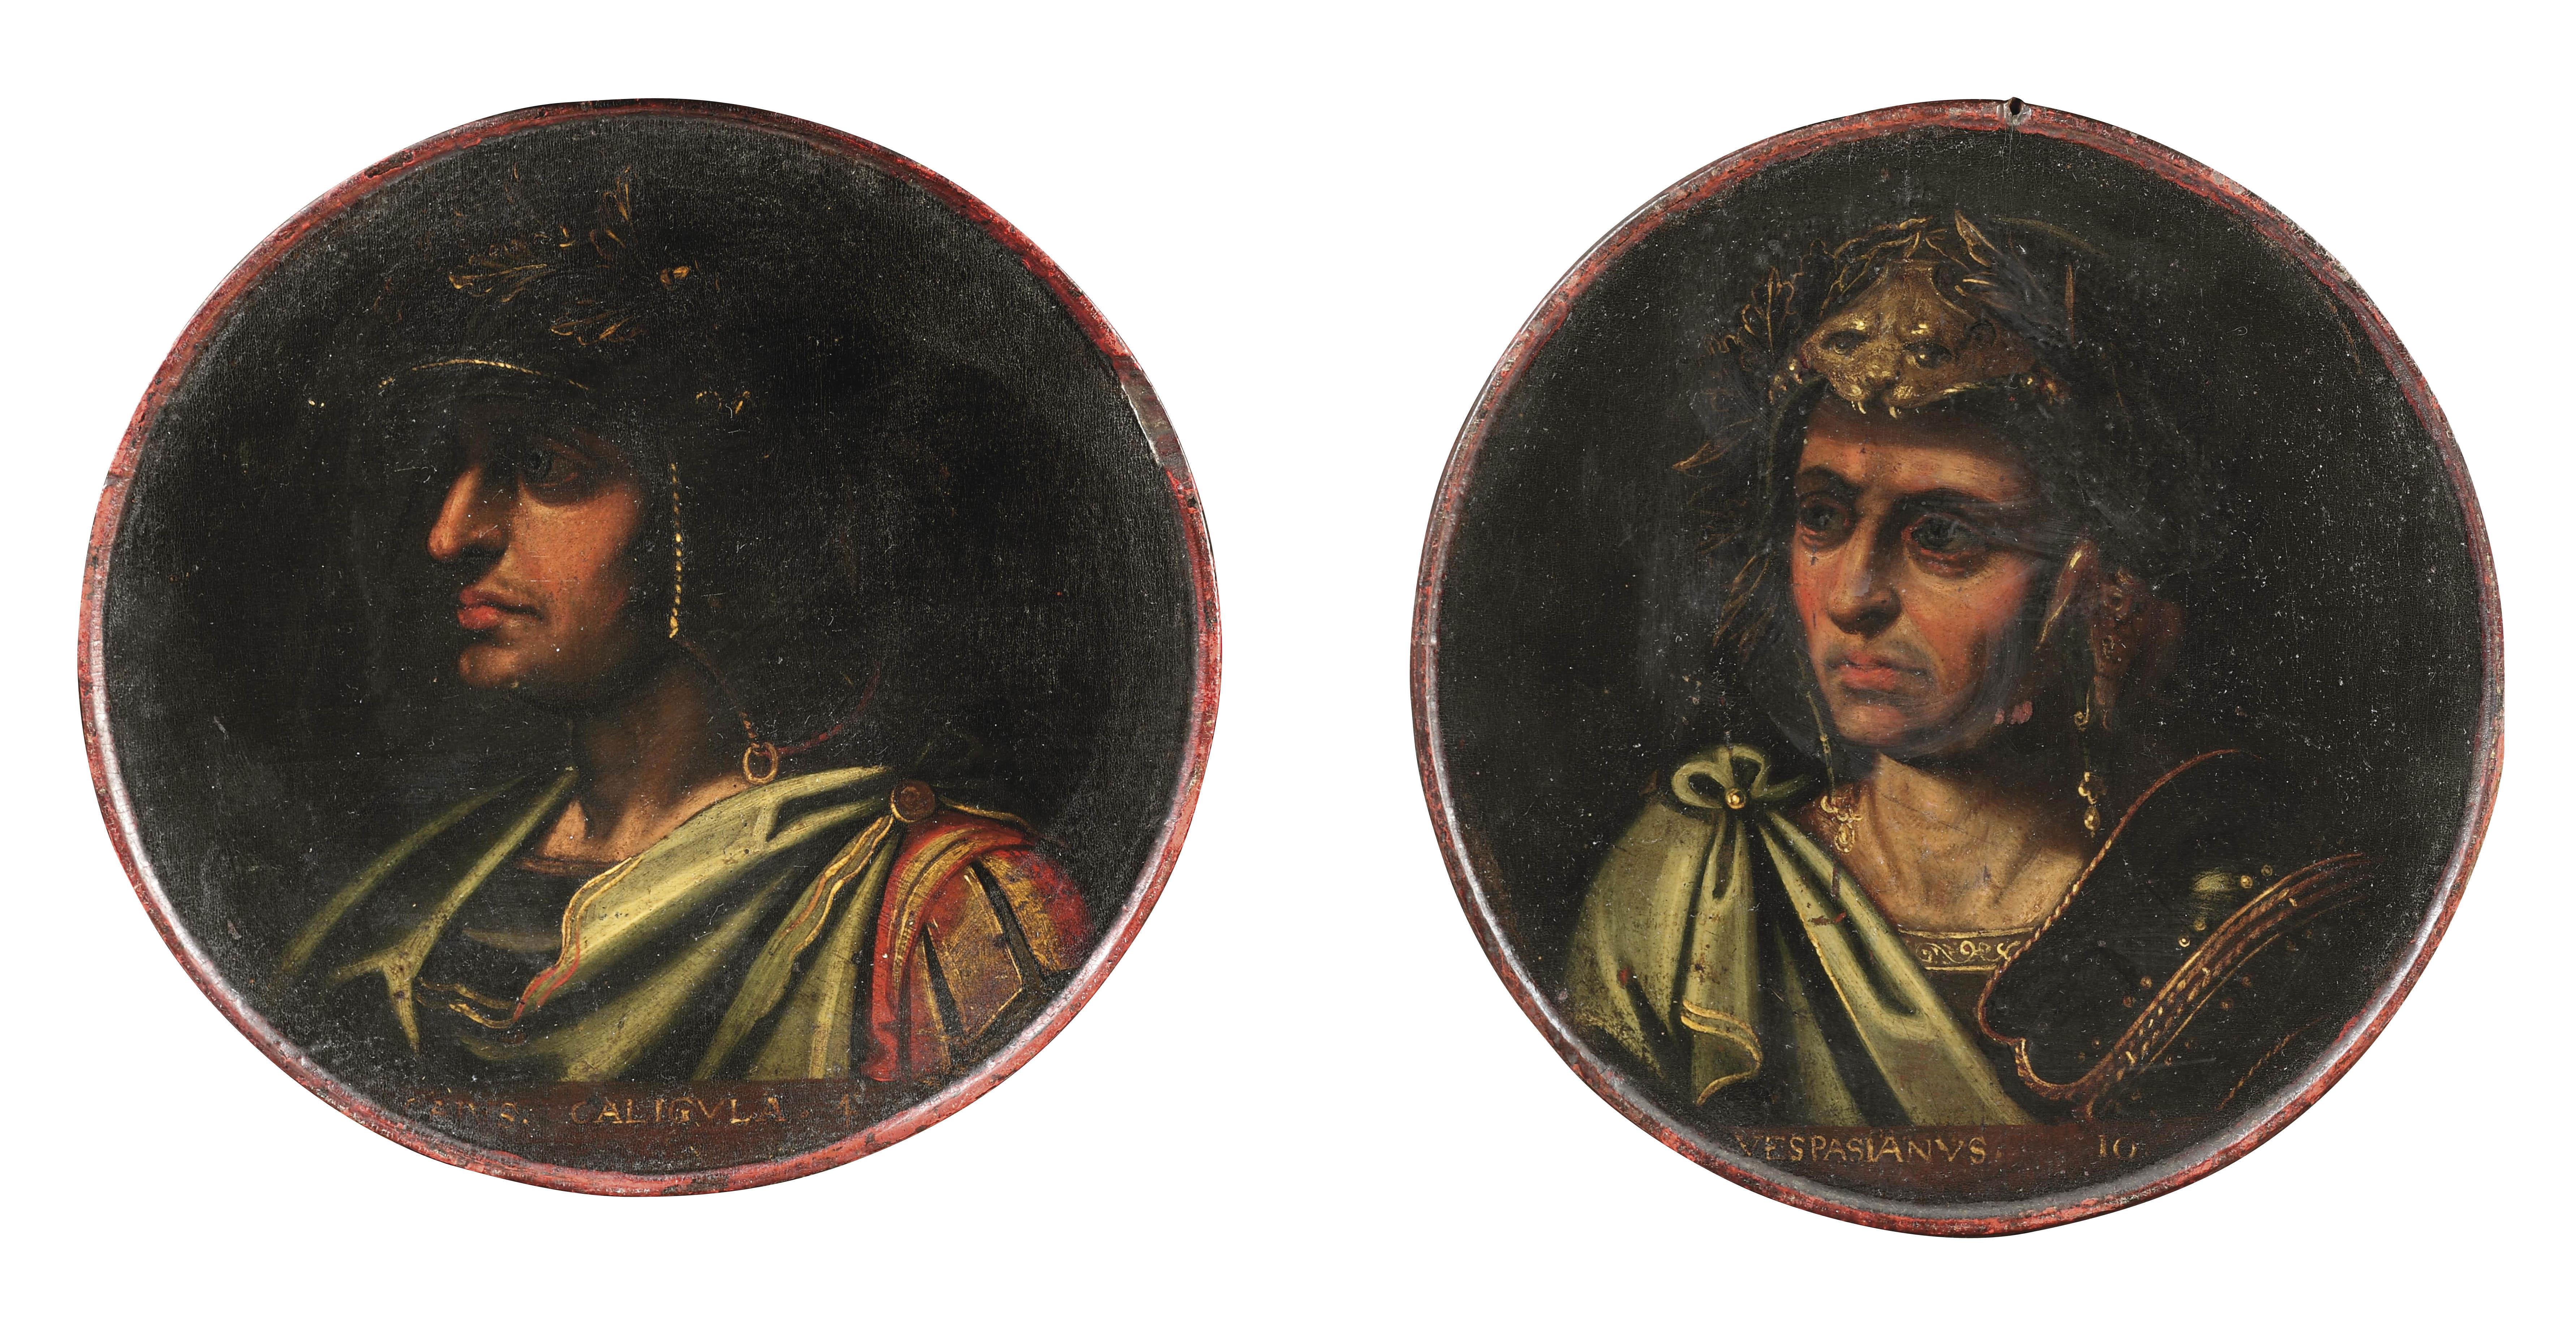 Portrait of the Roman Emperor Titus Flavius Vespasianus; and Portrait of the Roman Emperor Gaius Julius Caesar Augustus Germanicus